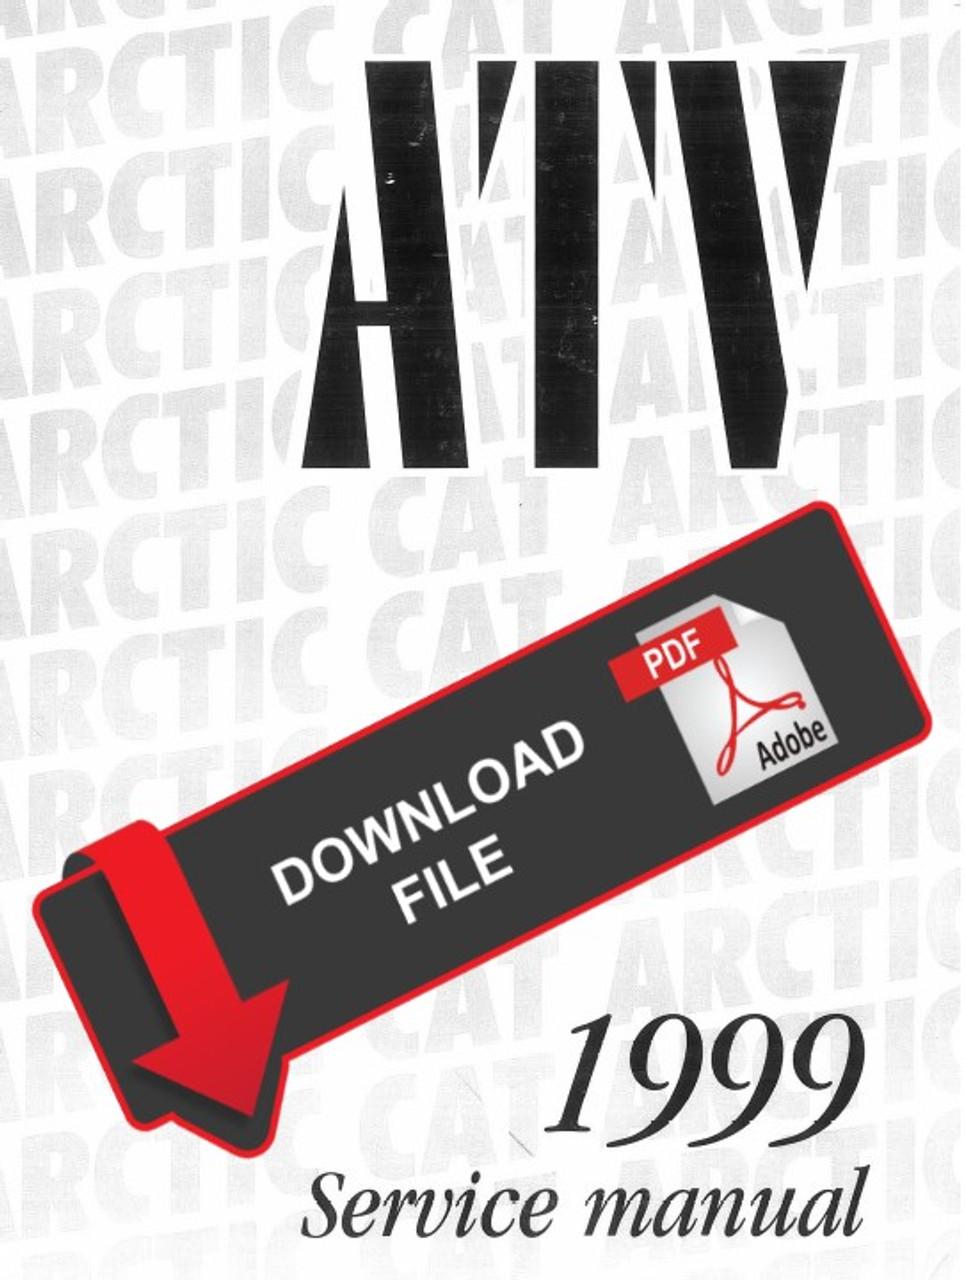 2007 arctic cat 500 atv wiring diagram arctic cat 1999 500 4x4 atv service manual  arctic cat 1999 500 4x4 atv service manual